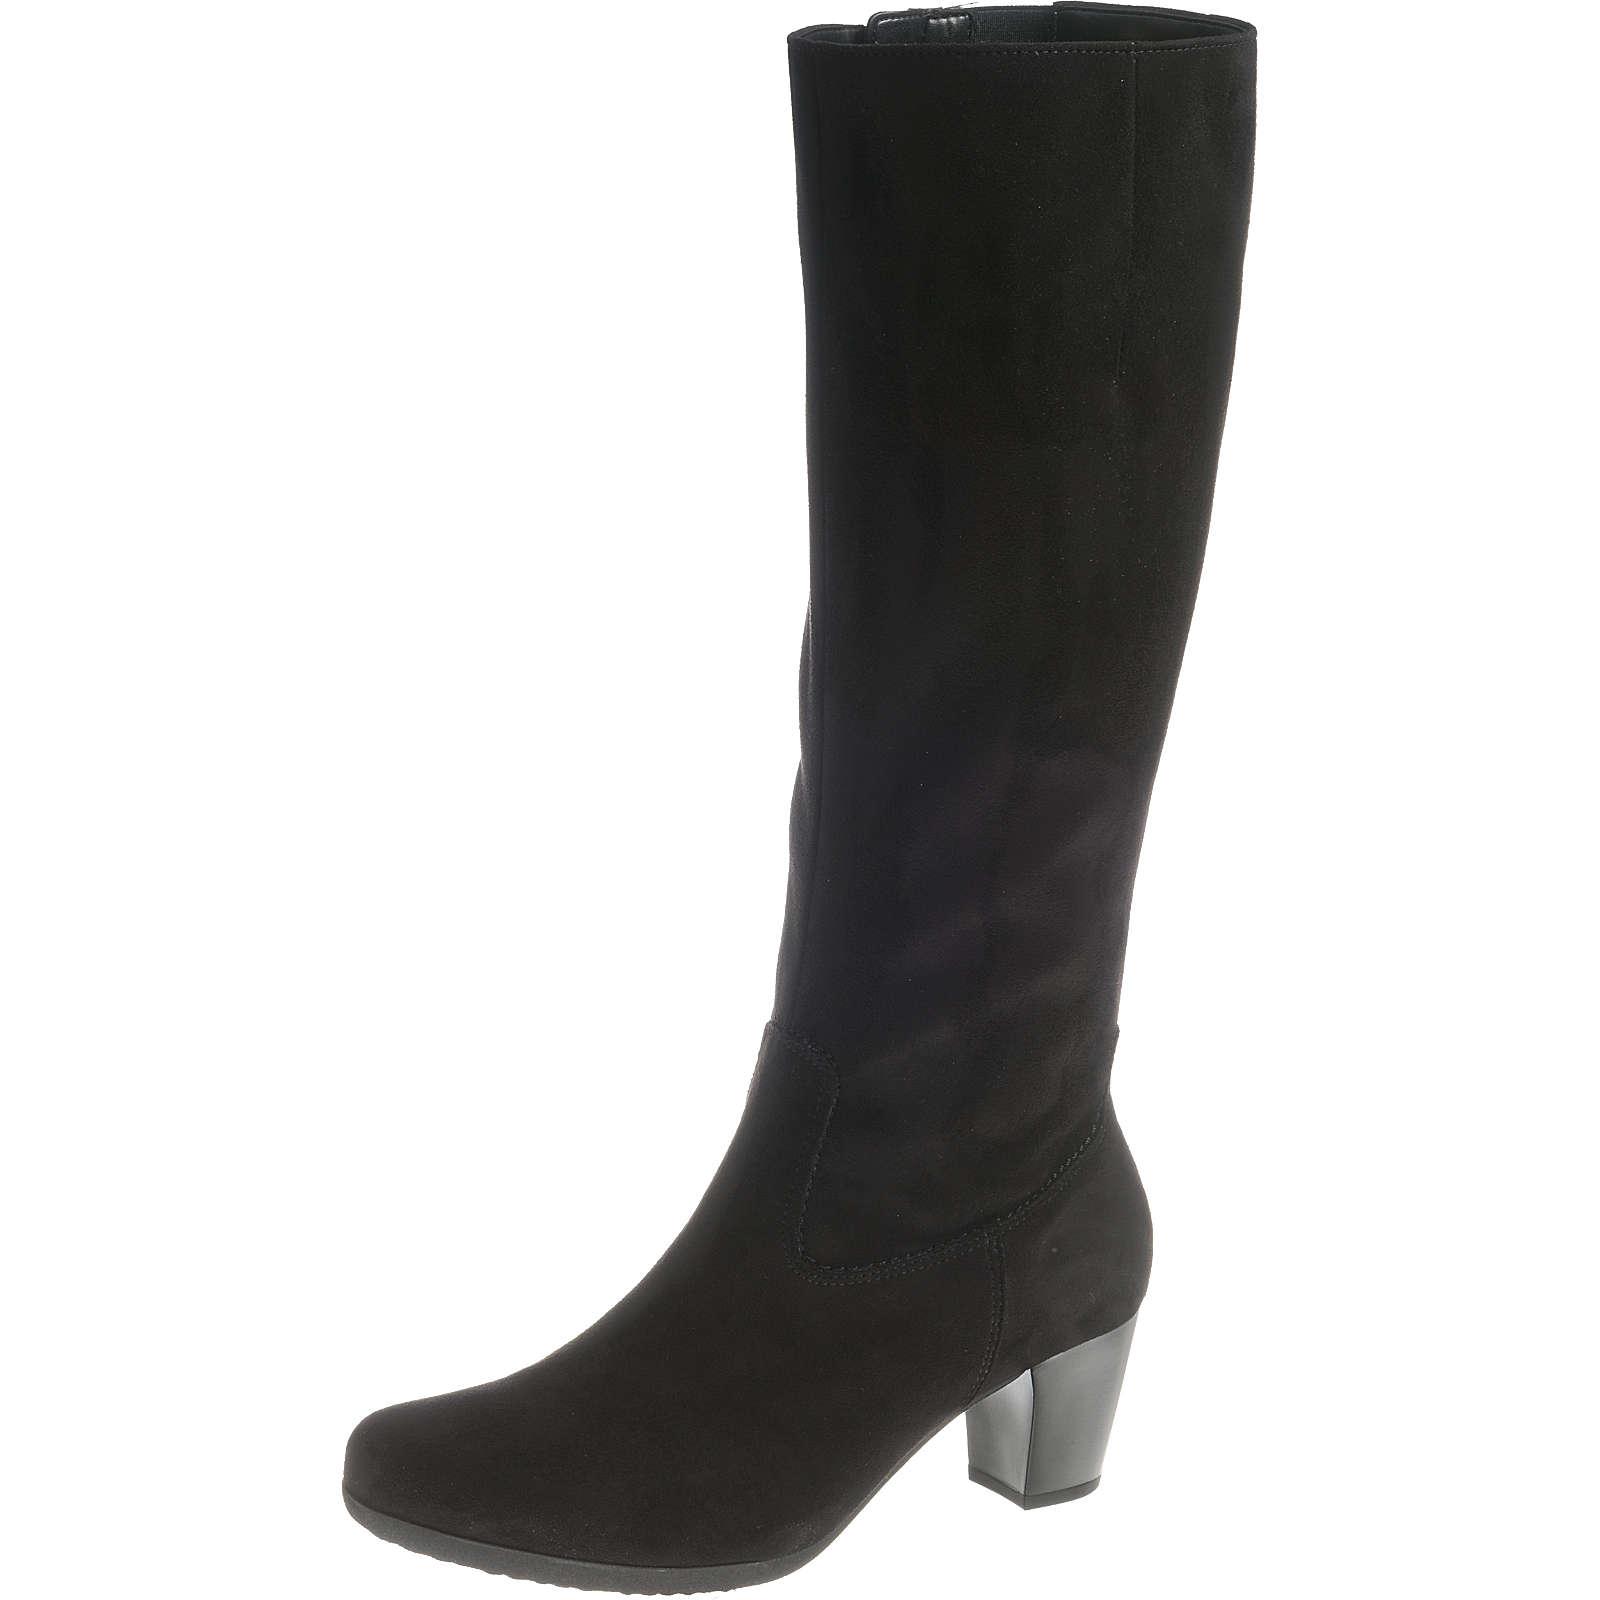 Gabor Klassische Stiefel schwarz Damen Gr. 36